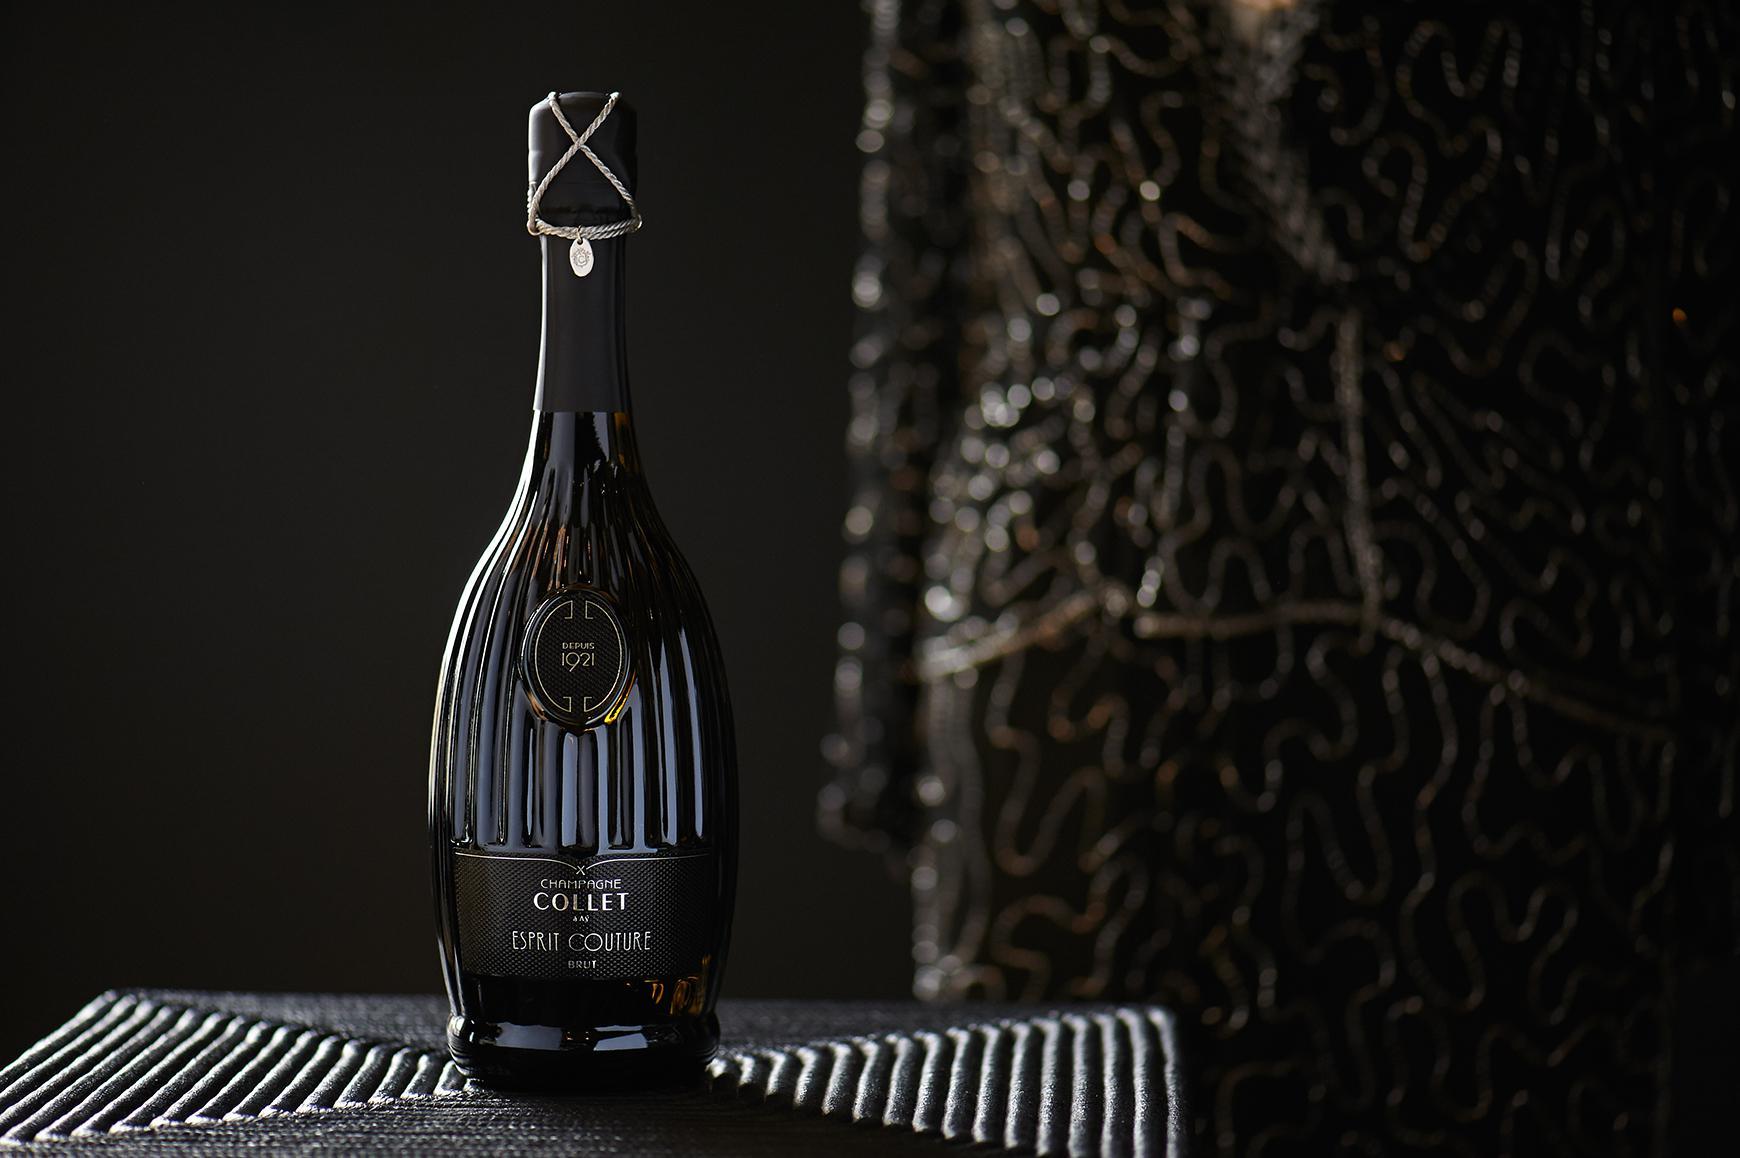 la-boite-d-allumettes-maison-collet-champagne-ay-paris-fashion-week-credit-collet-2019